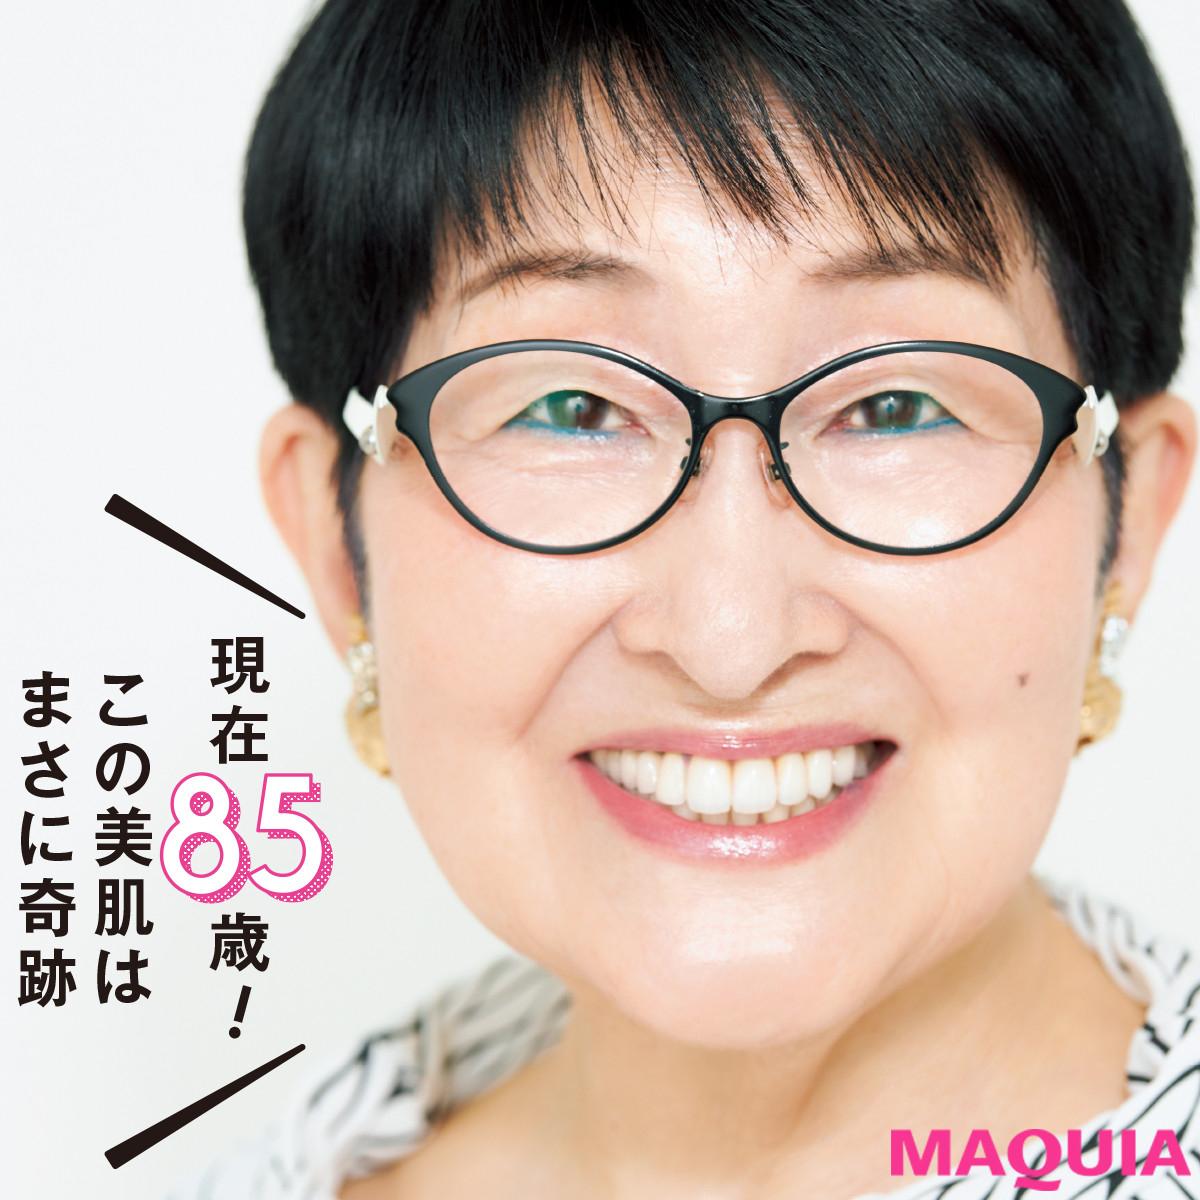 現在85歳! 日本が誇る美肌レジェンド、小林照子さんの美肌ルーティンを大公開